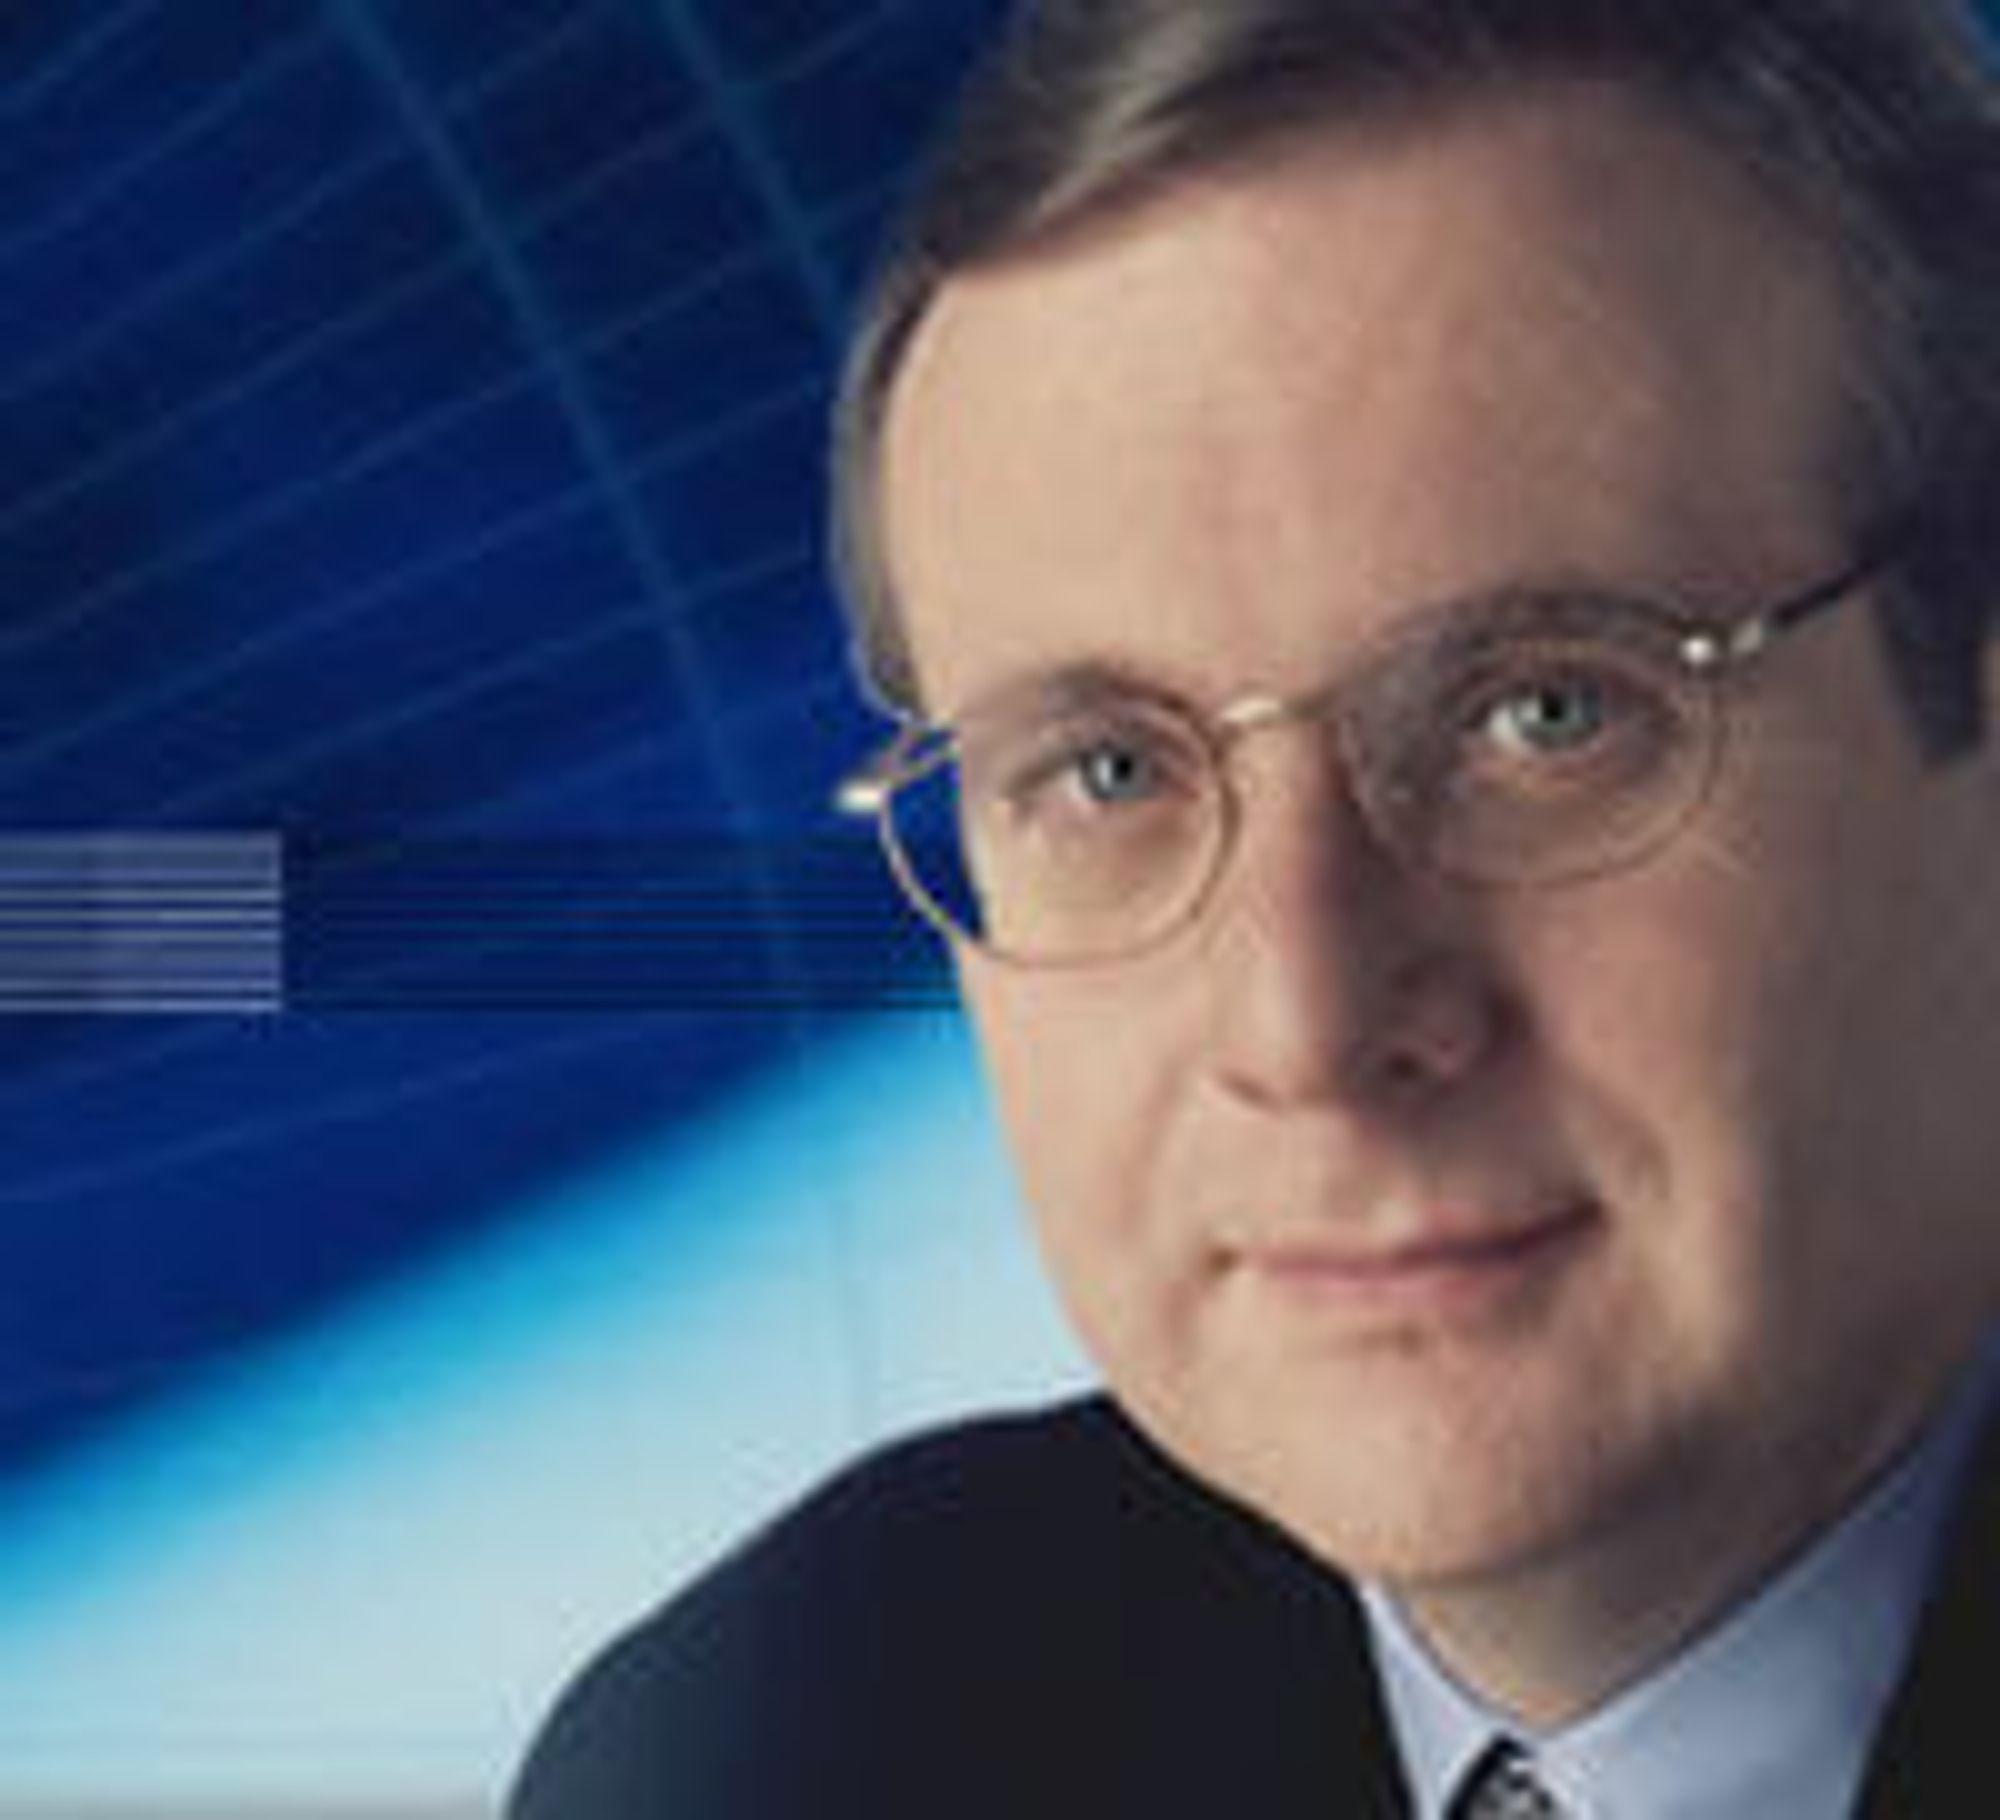 Paul Allen var medgründer i Microsoft sammen med Bill Gates, men forlot selskapet på 1980-tallet til fordel for andre sysler. Han er storaksjonær i Microsoft og en av verdens rikeste menn.